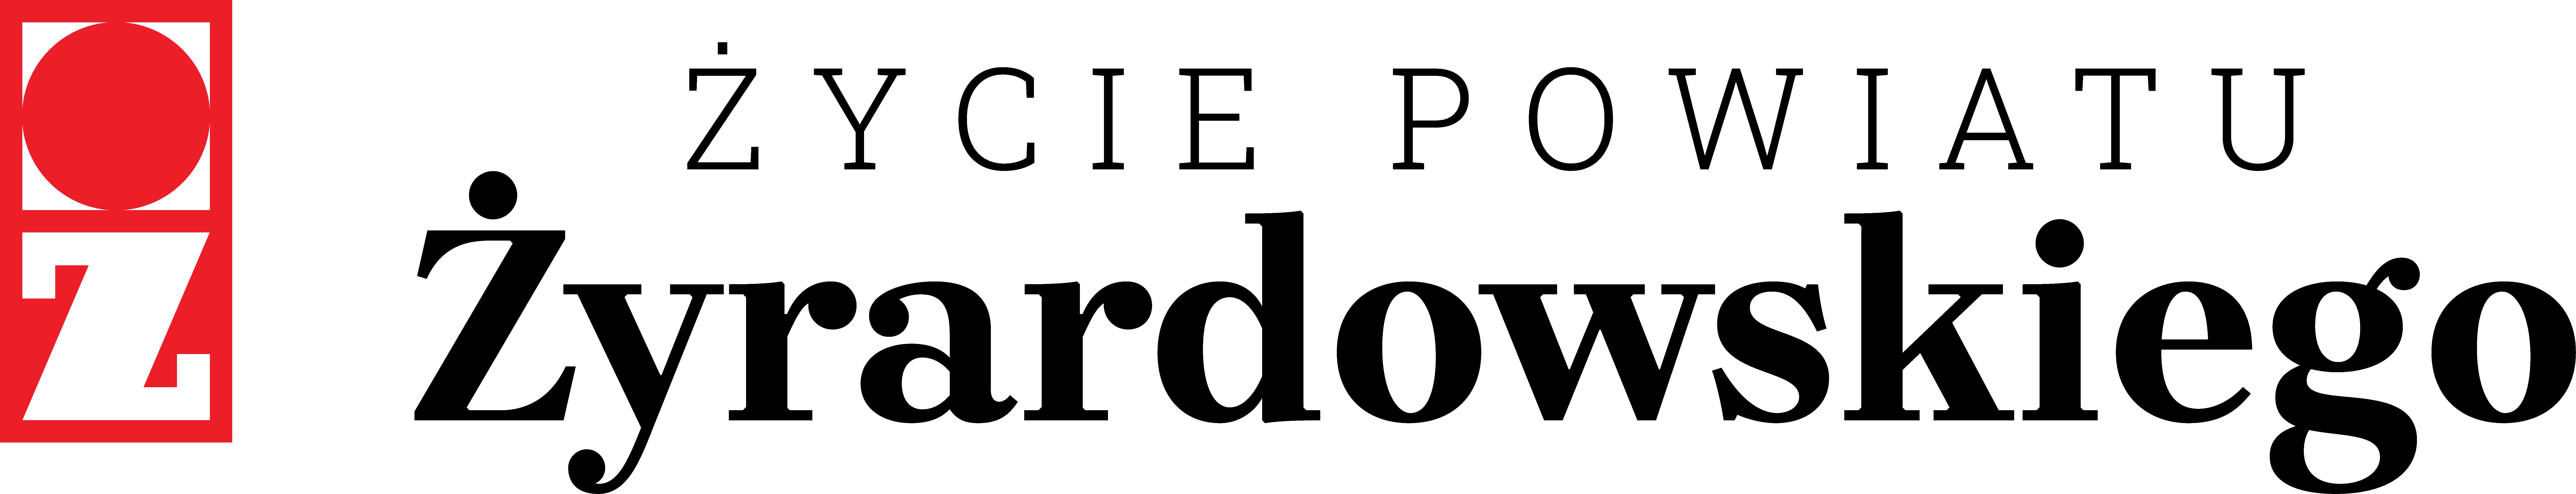 Życie Powiatu Żyrardowskiego - Wiadomości i Informacje z Powiatu Żyrardowskiego - Żyrardów - Mszczonów - Puszcza Mariańska - Radziejowice - Wiskitki